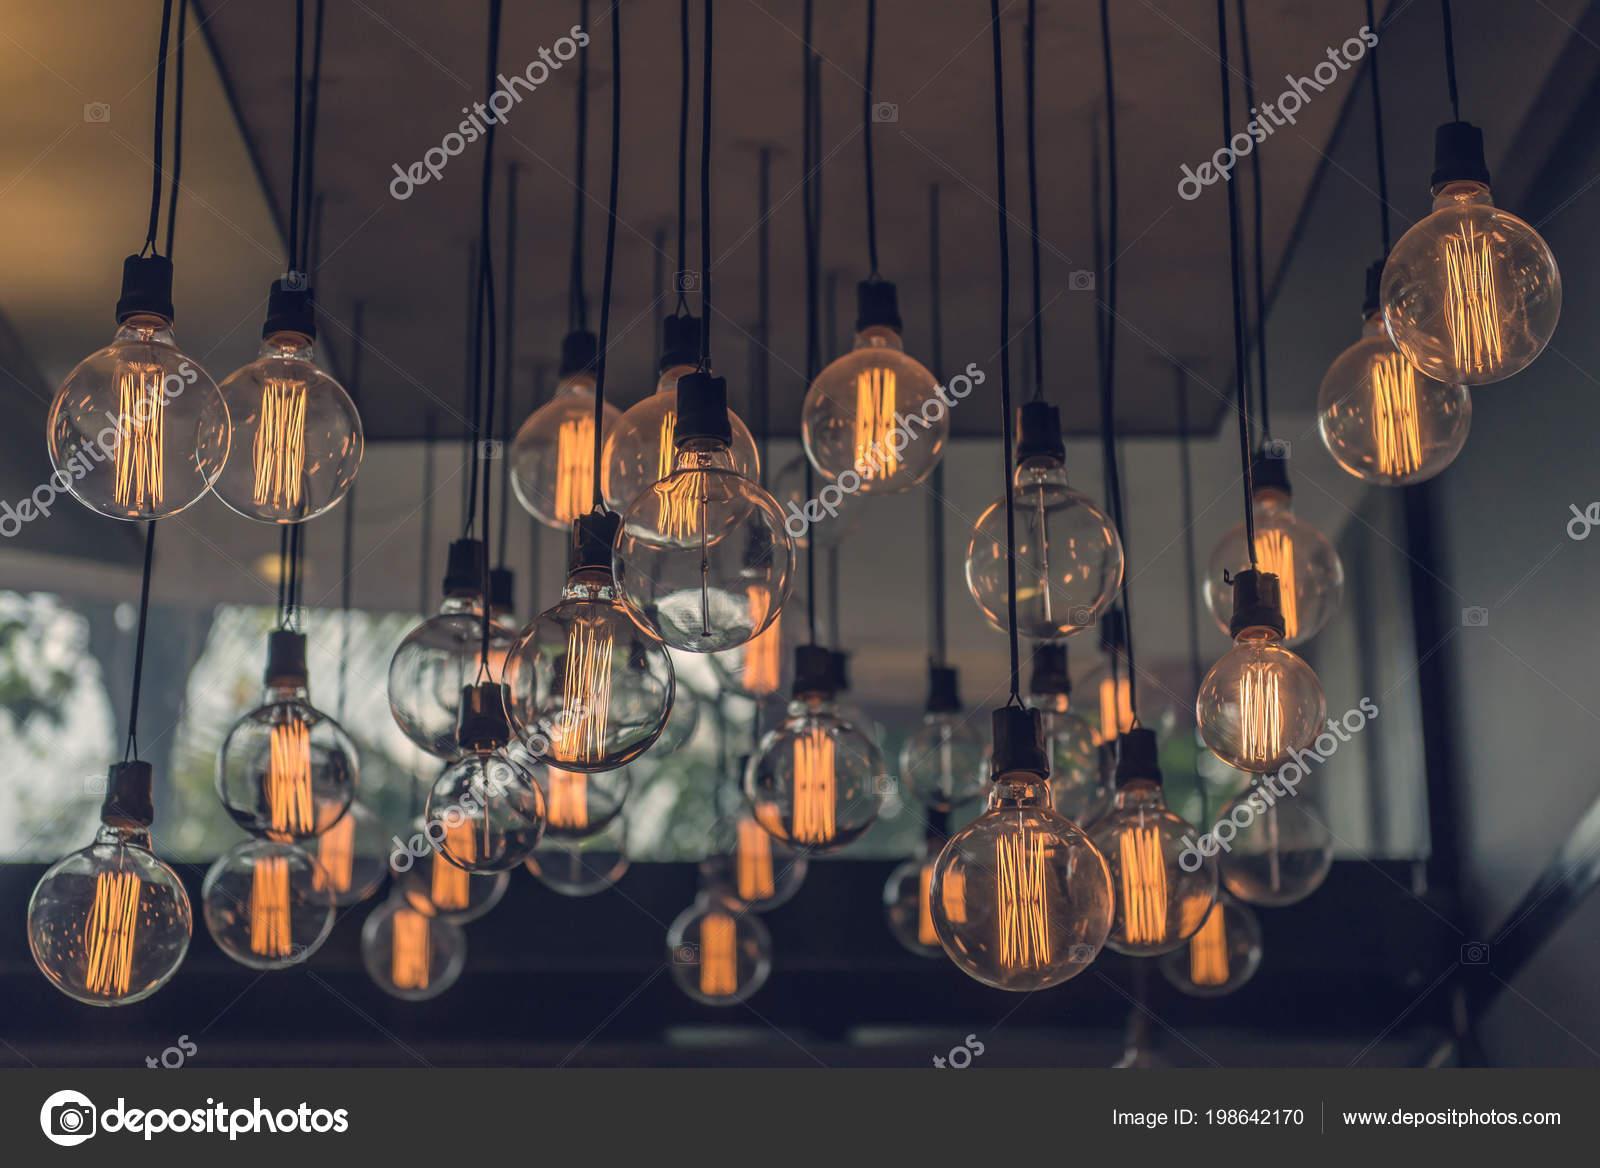 Splendido arredamento vintage illuminazione interni edifici u foto